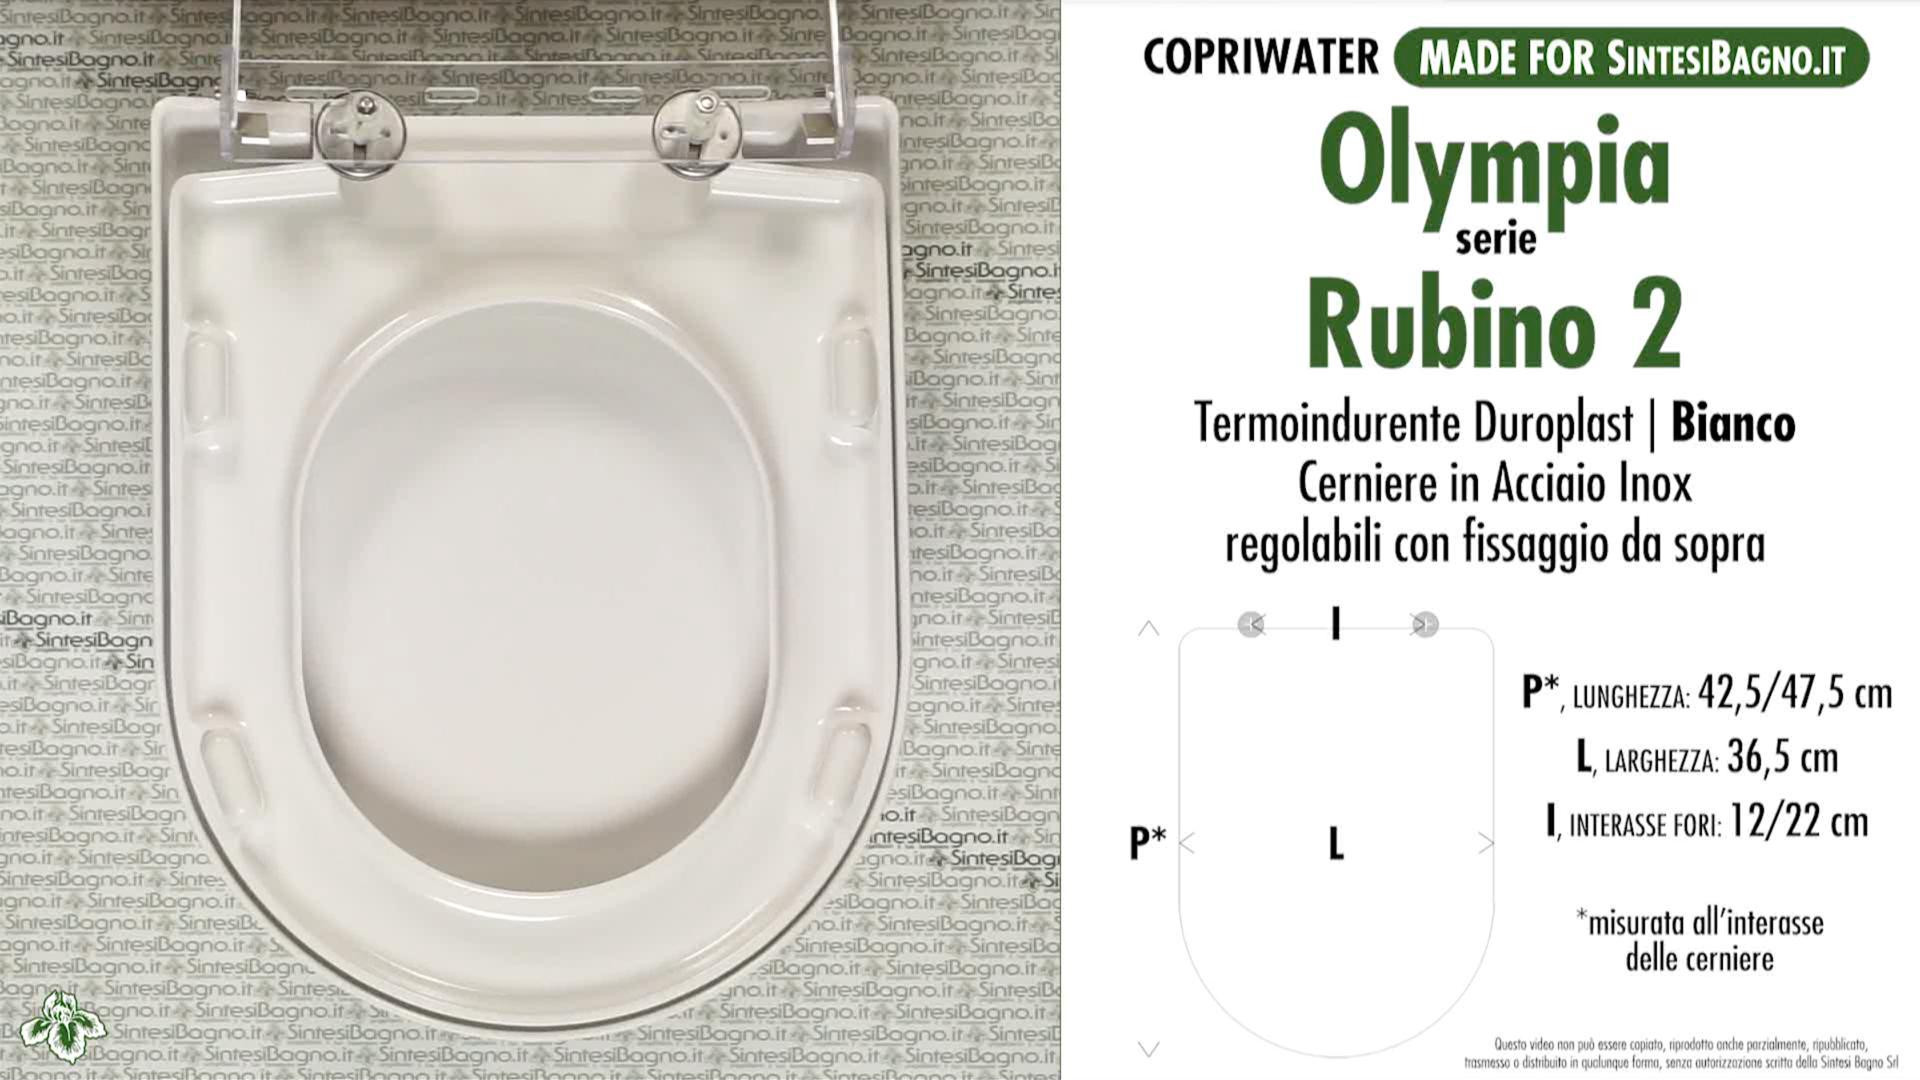 SCHEDA TECNICA MISURE copriwater OLYMPIA RUBINO